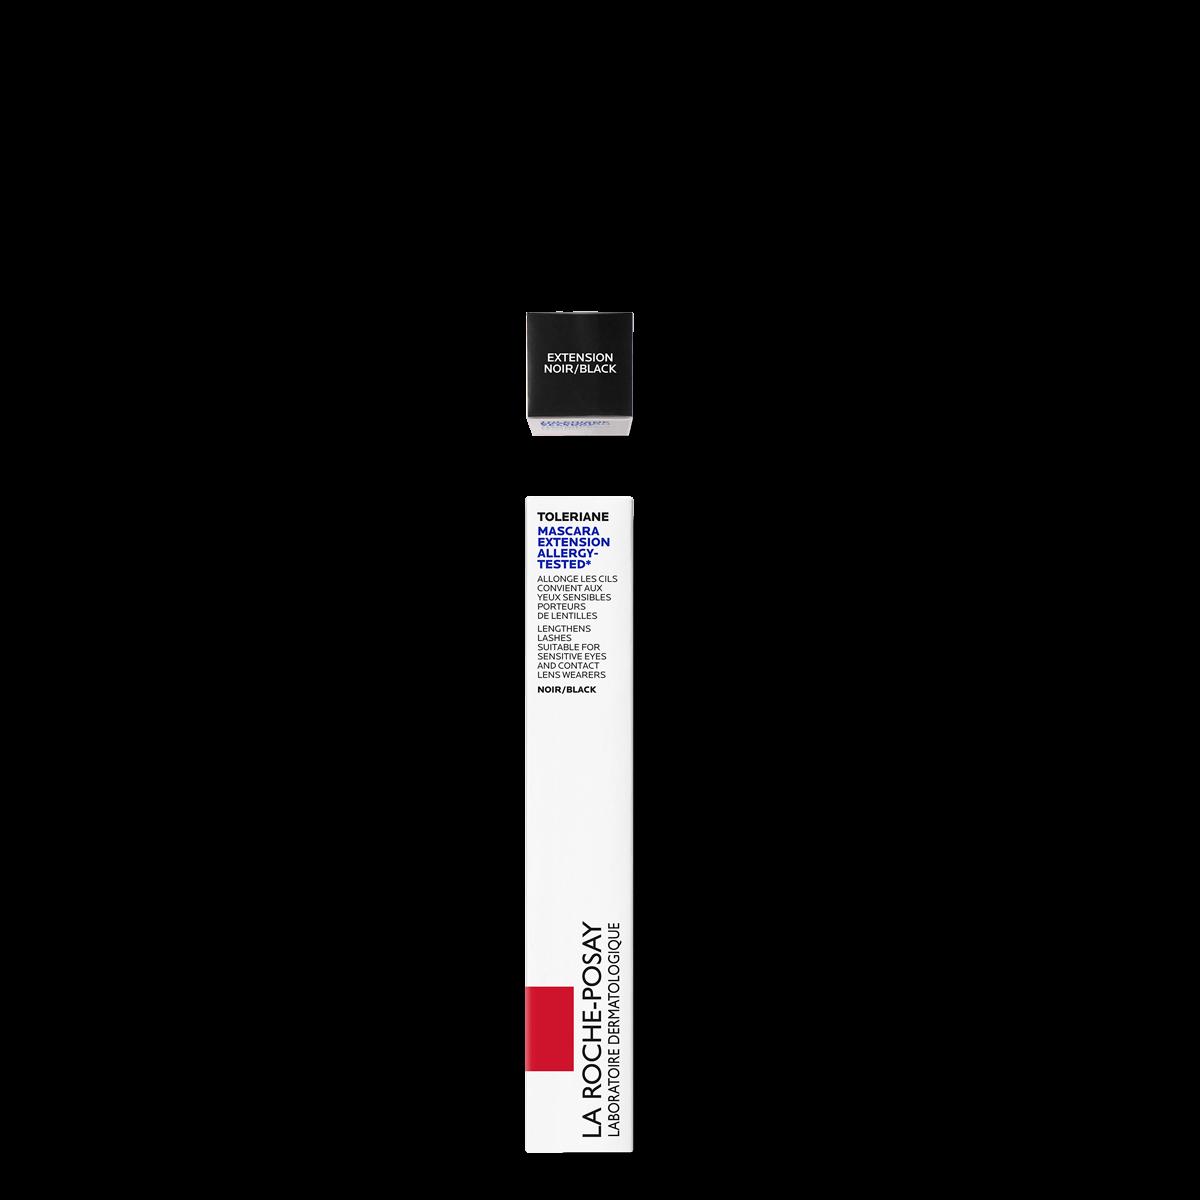 La Roche Posay Känslig Toleriane Make up EXTENSION MASCARA Black 333